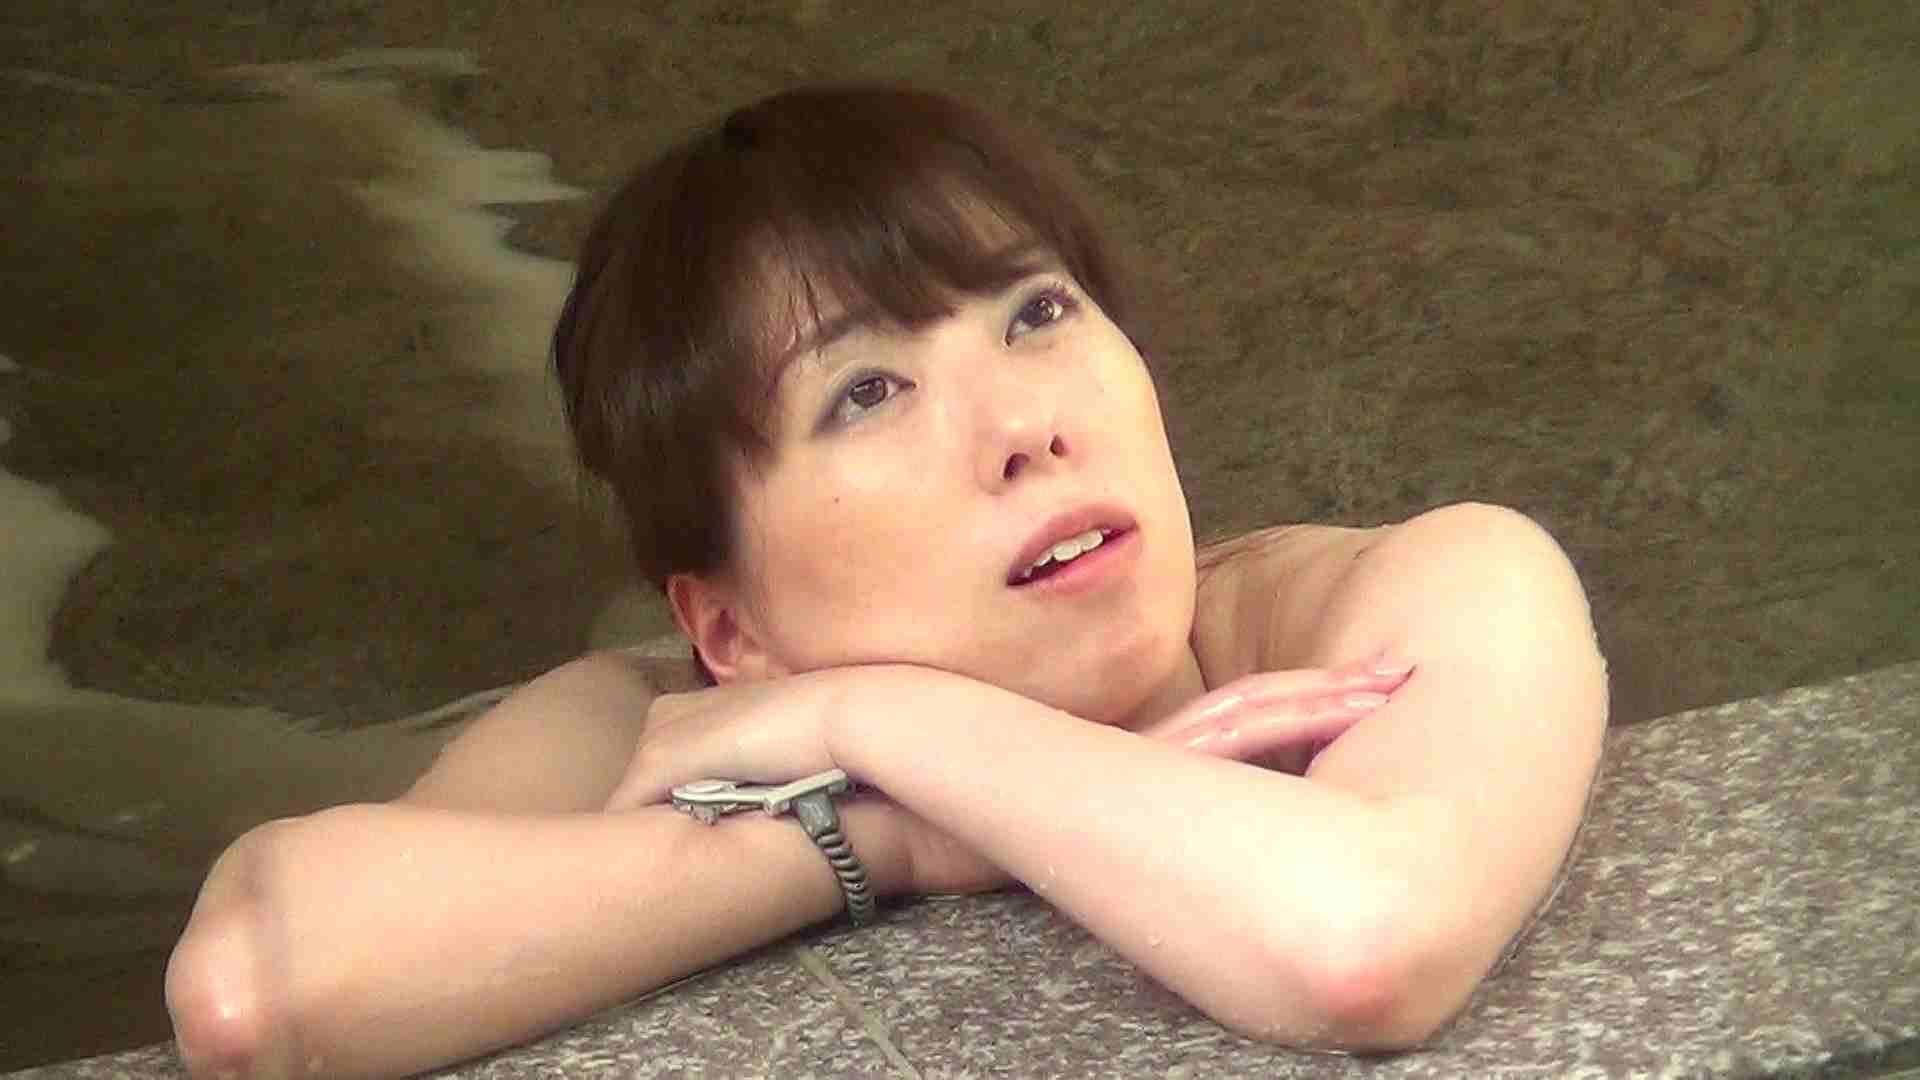 Aquaな露天風呂Vol.245 OLハメ撮り  87Pix 38